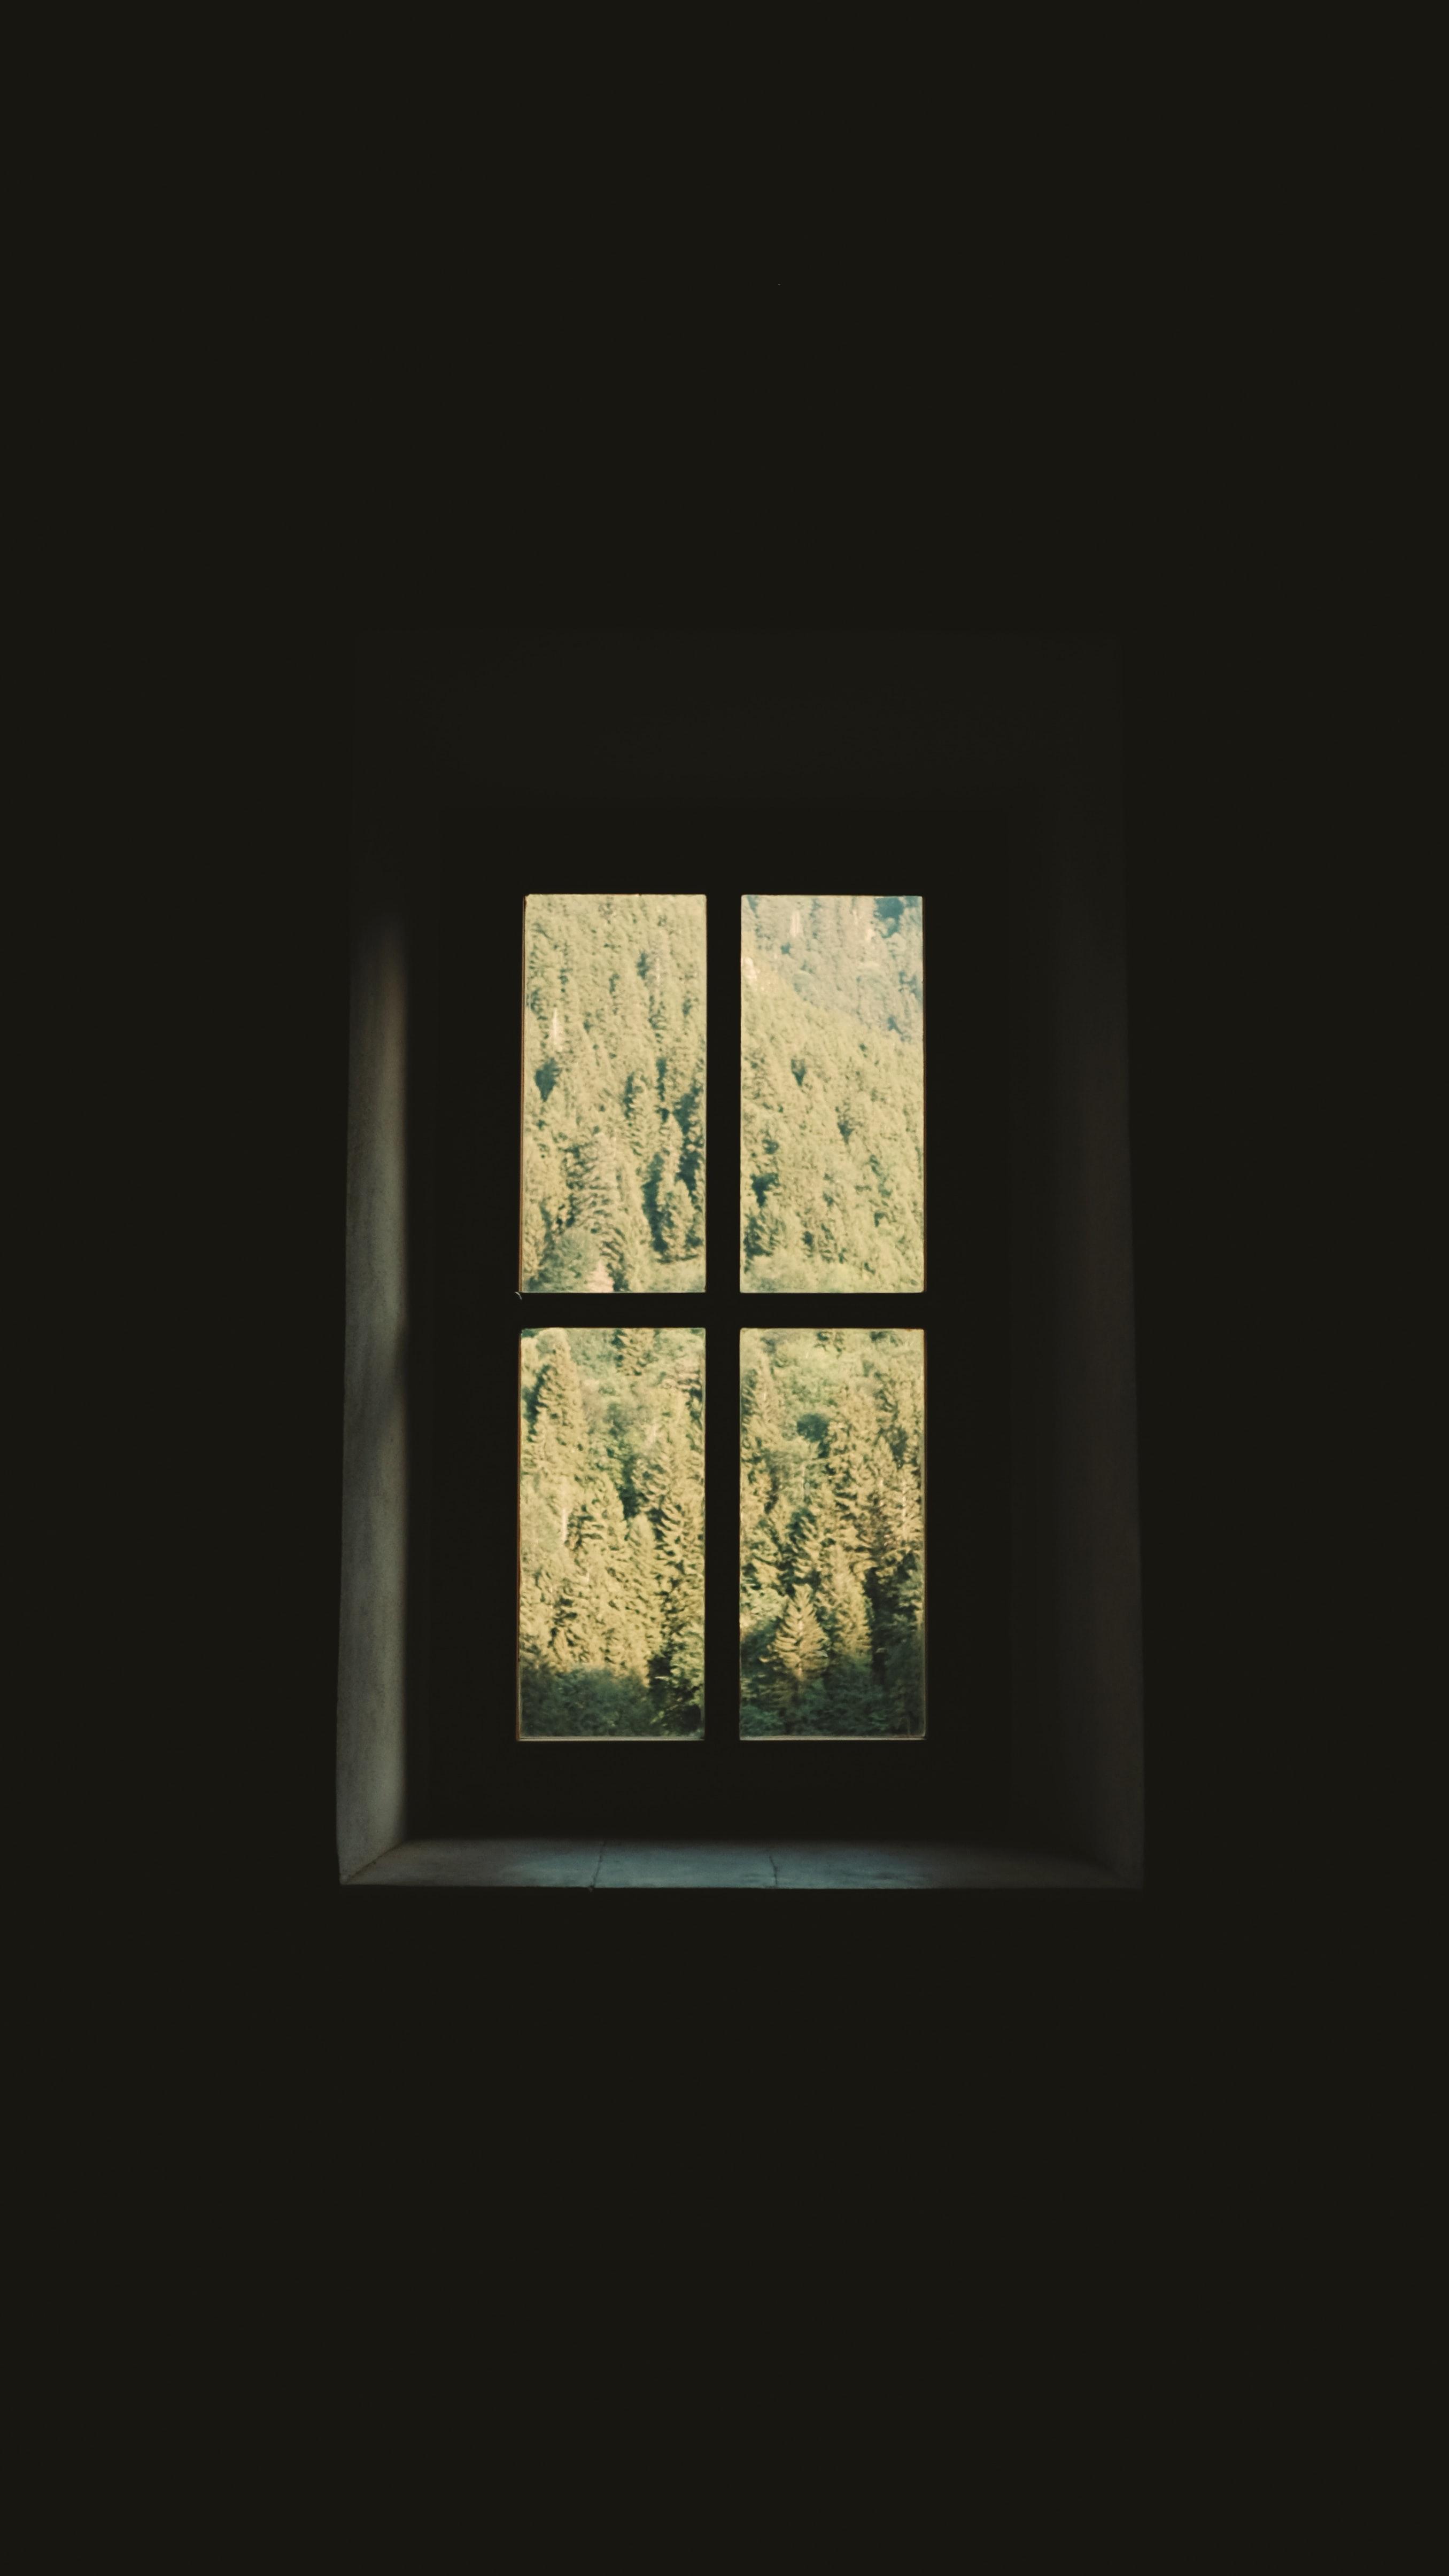 123592 скачать обои Темные, Окно, Комната, Стена, Деревья, Темный - заставки и картинки бесплатно